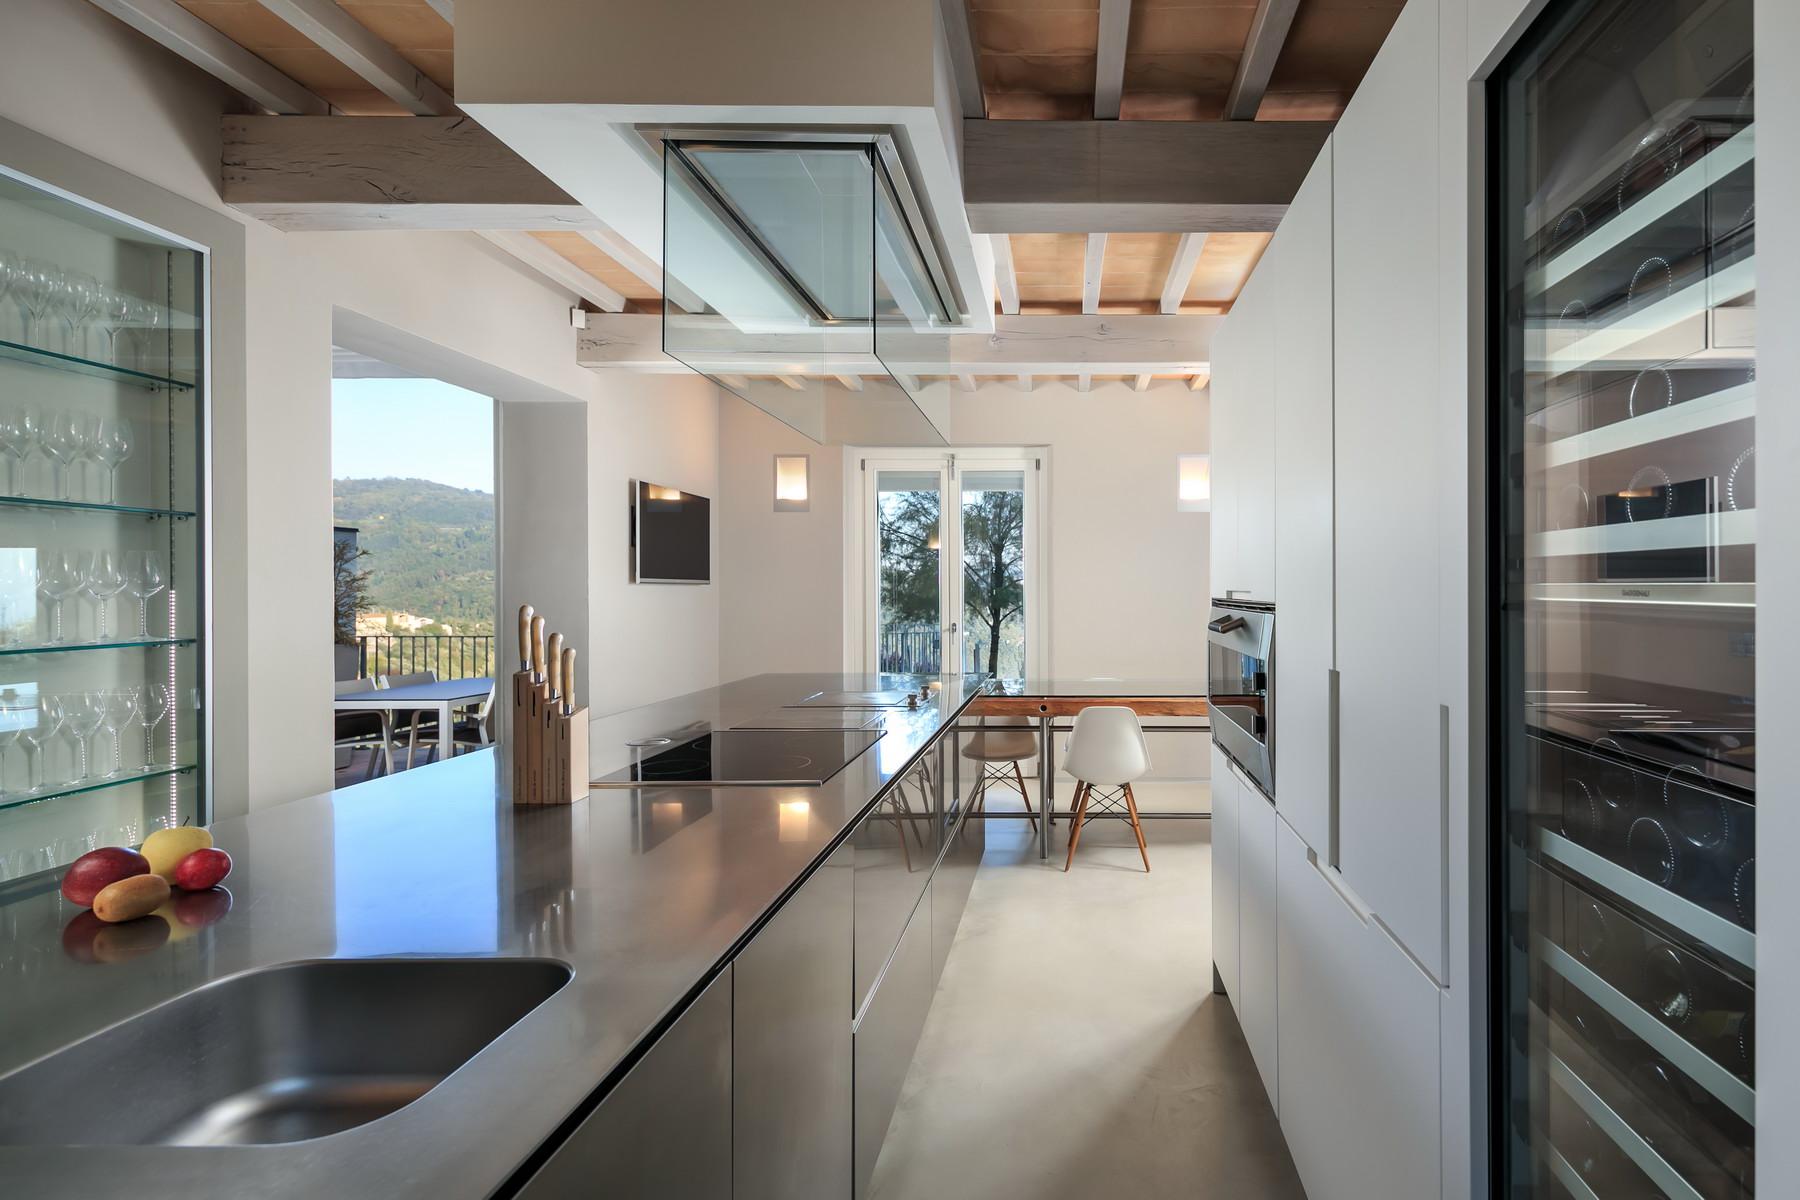 Villa in Vendita a Massa E Cozzile: 5 locali, 270 mq